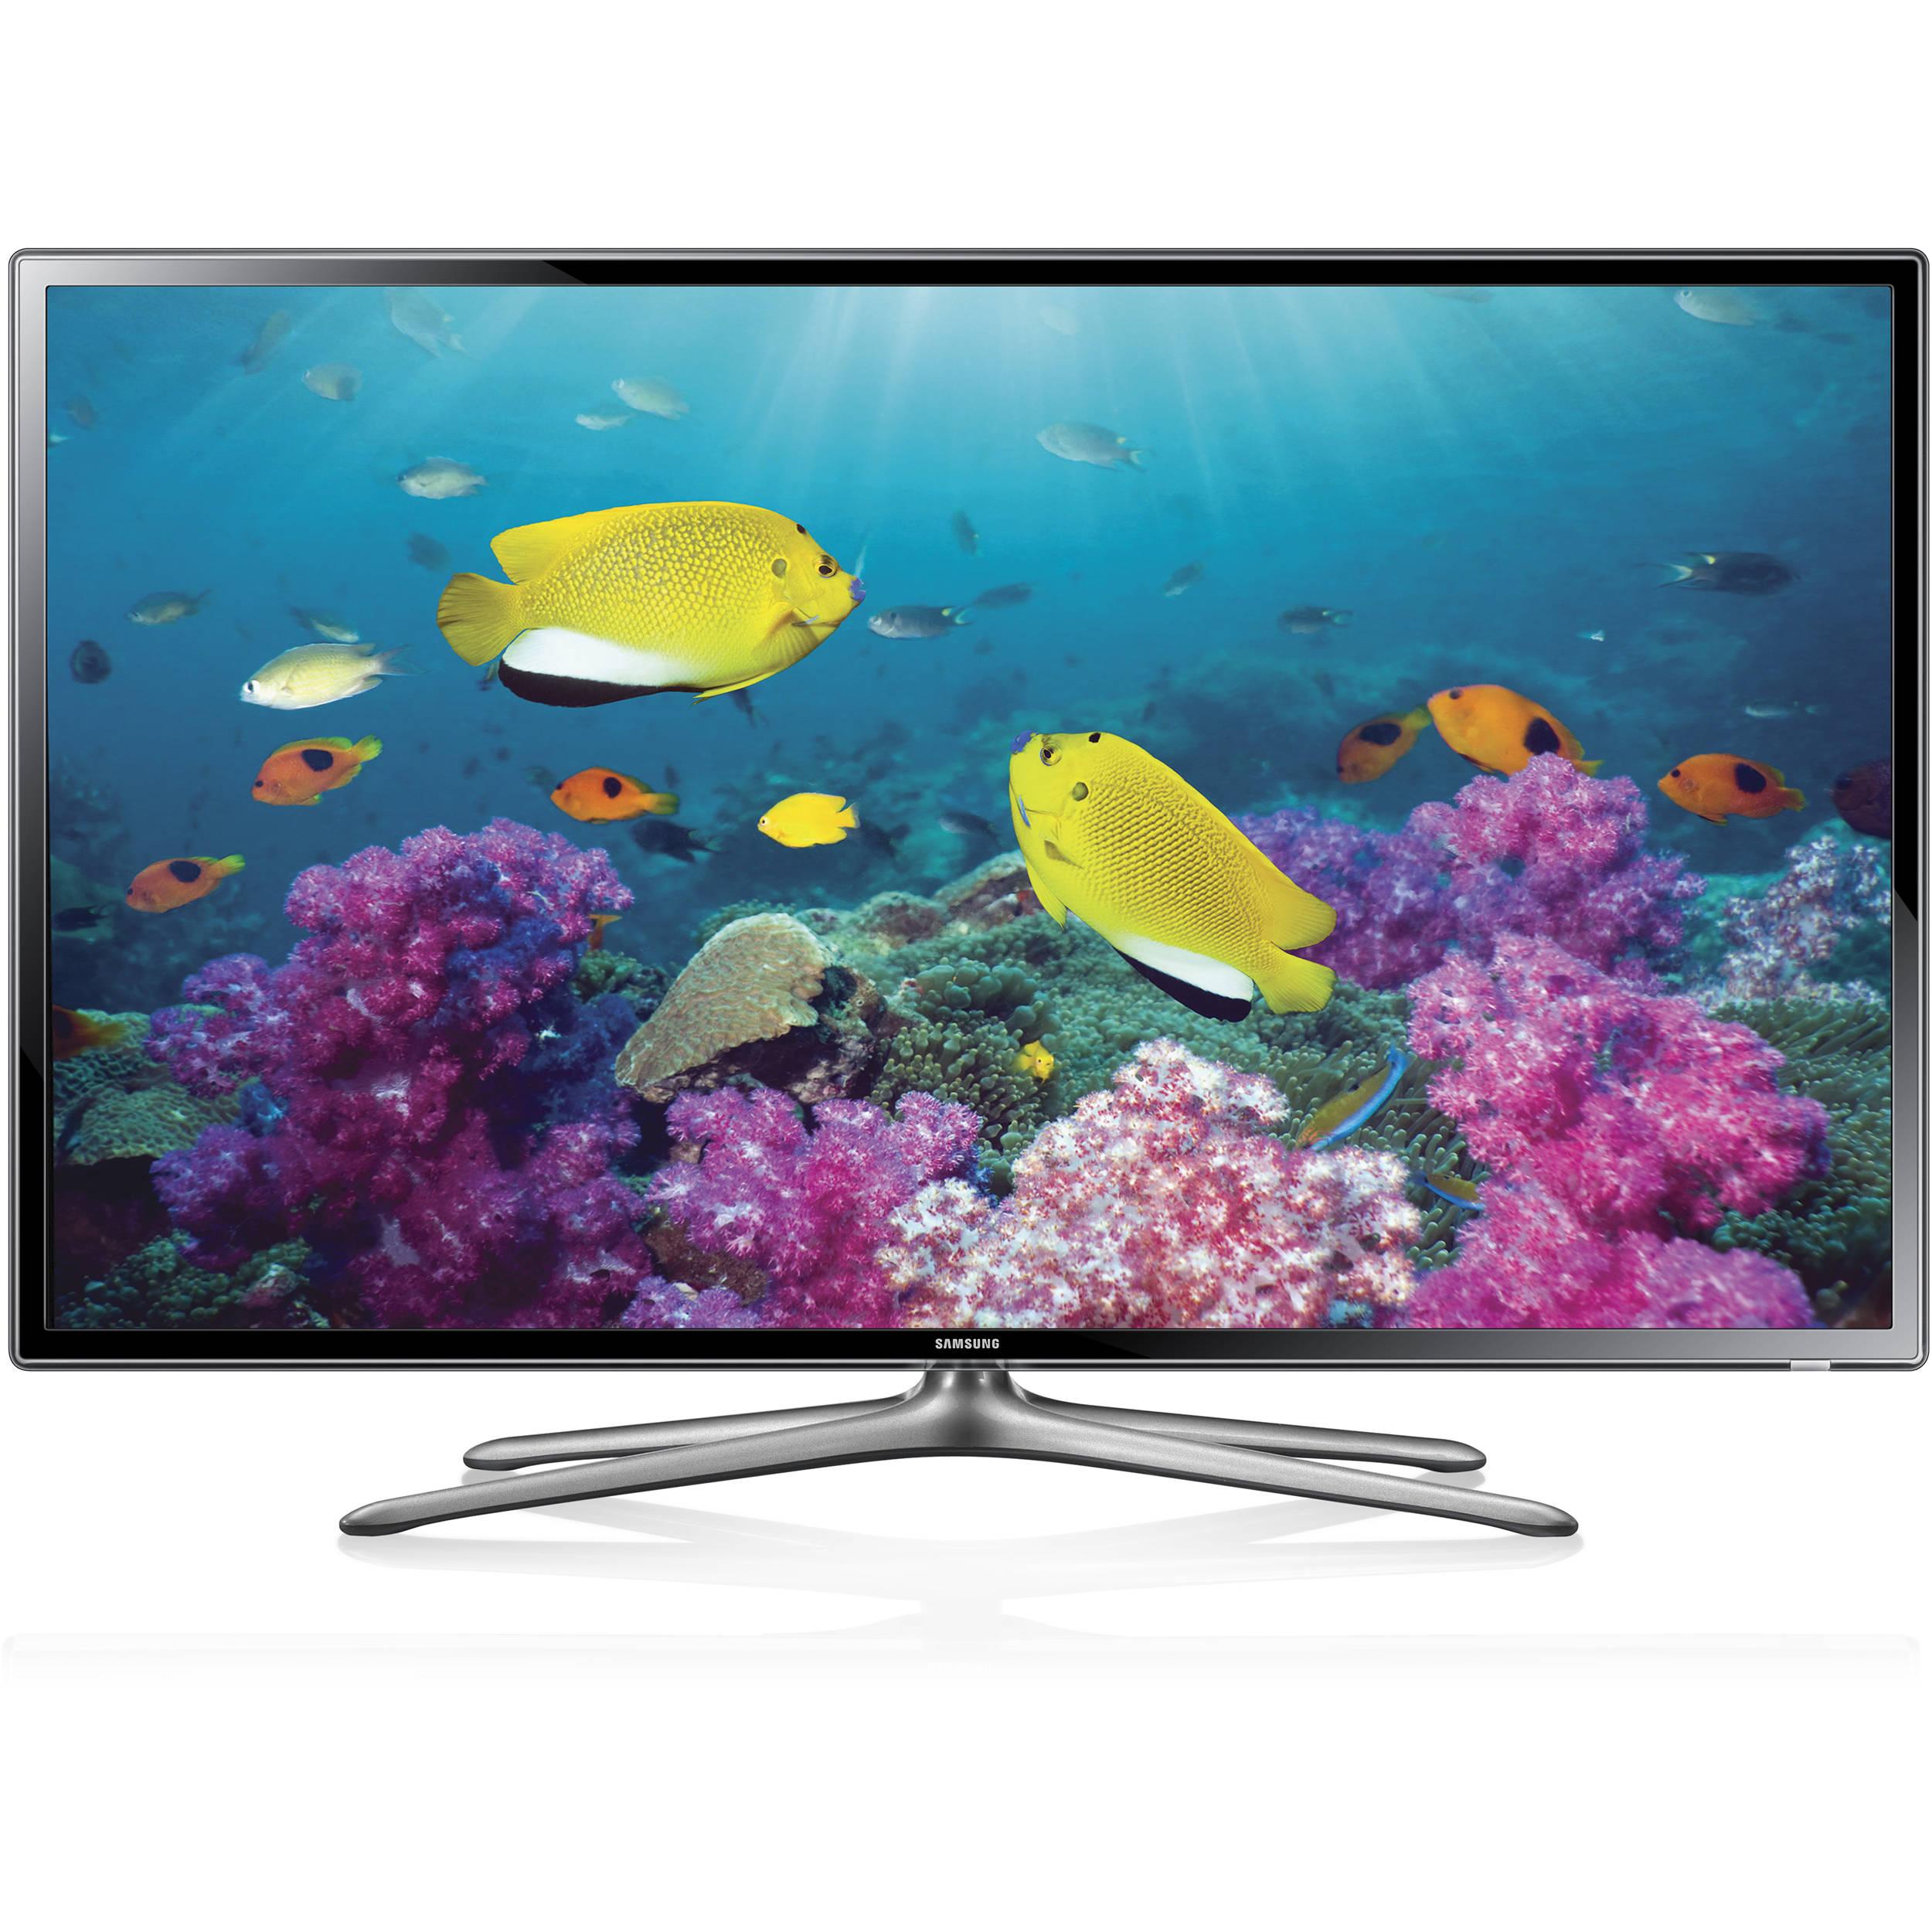 Samsung UN40F6300AF LED TV Driver FREE